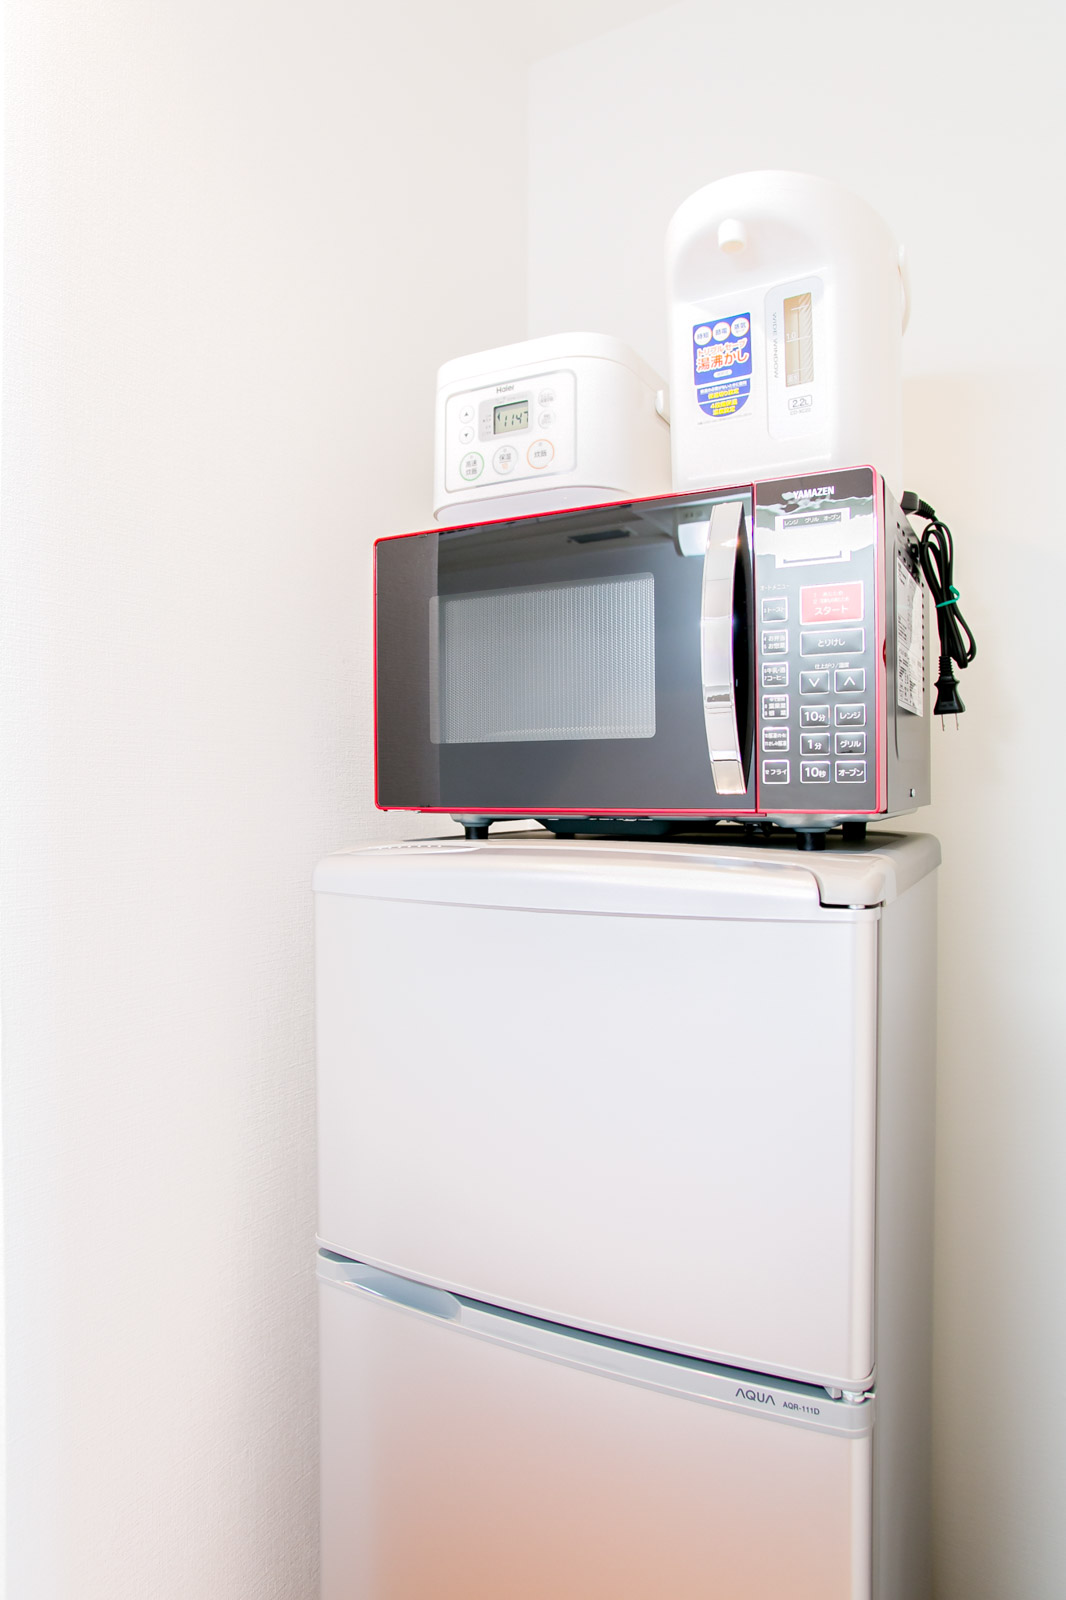 冷蔵庫・ポット・炊飯器・電子レンジ